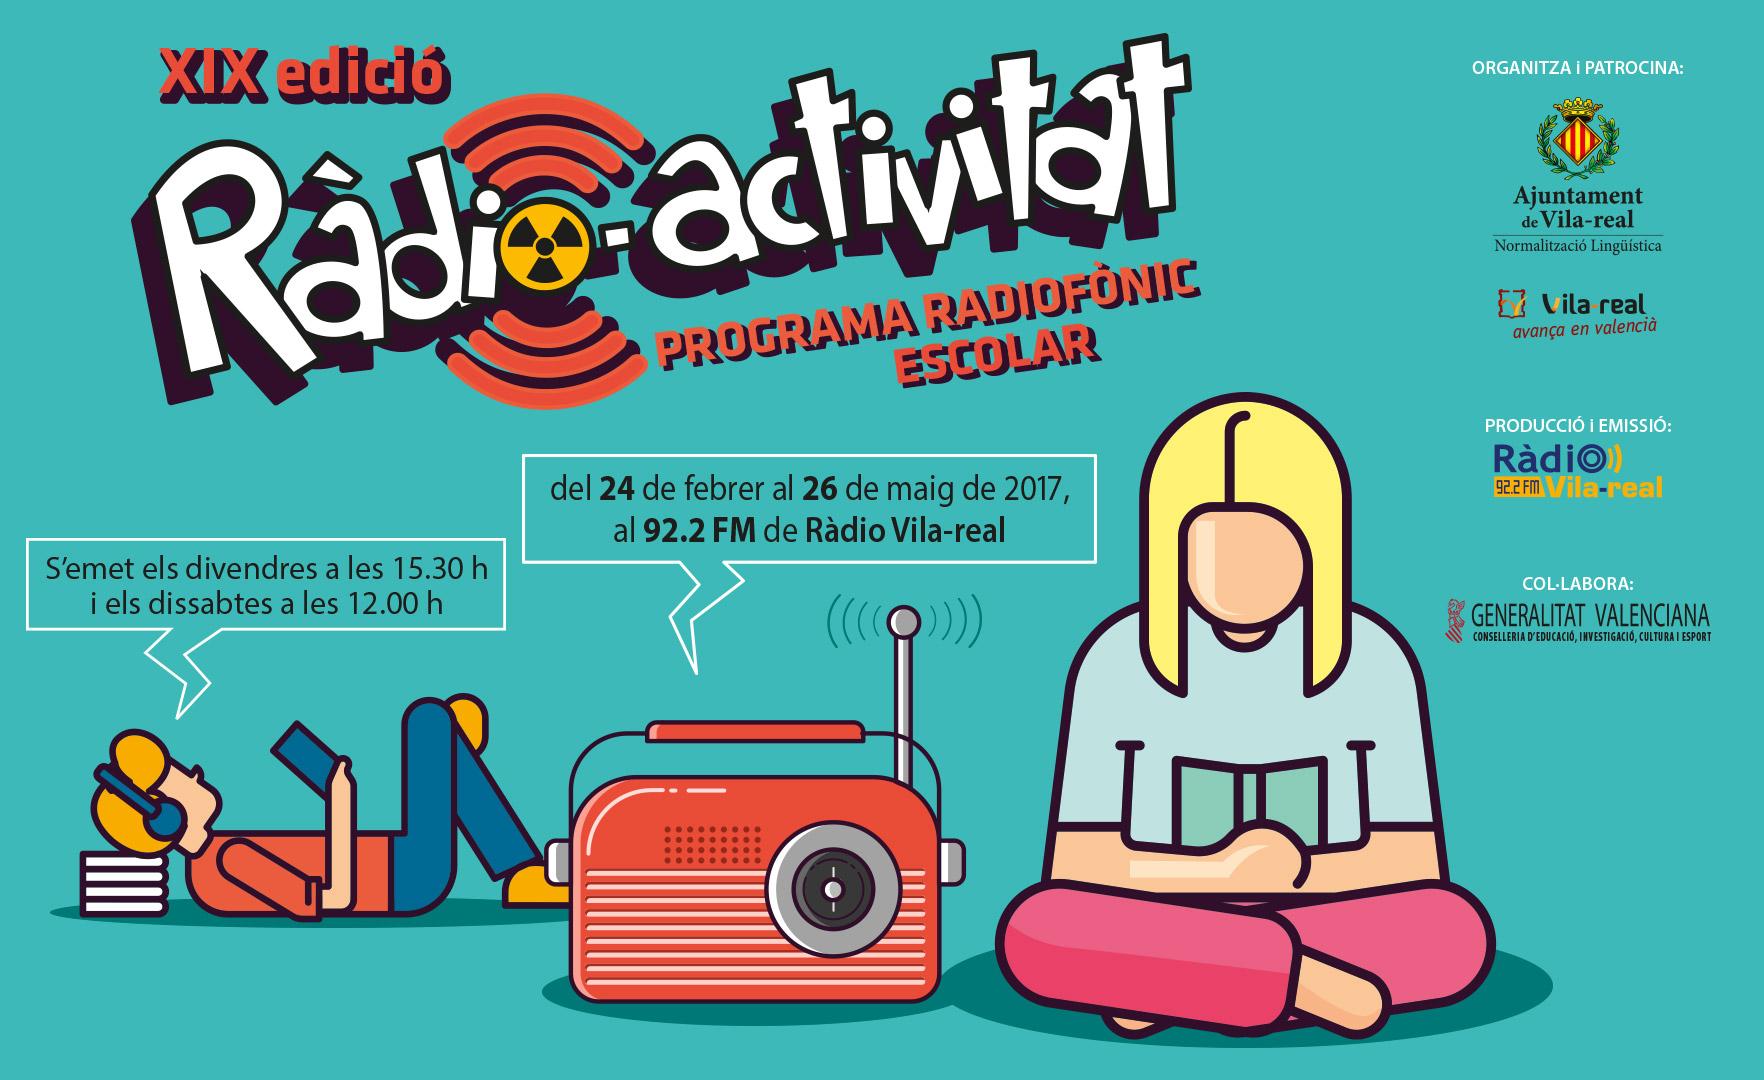 """Escucha nuestros programas de """"Ràdio-activitat"""" 2017"""